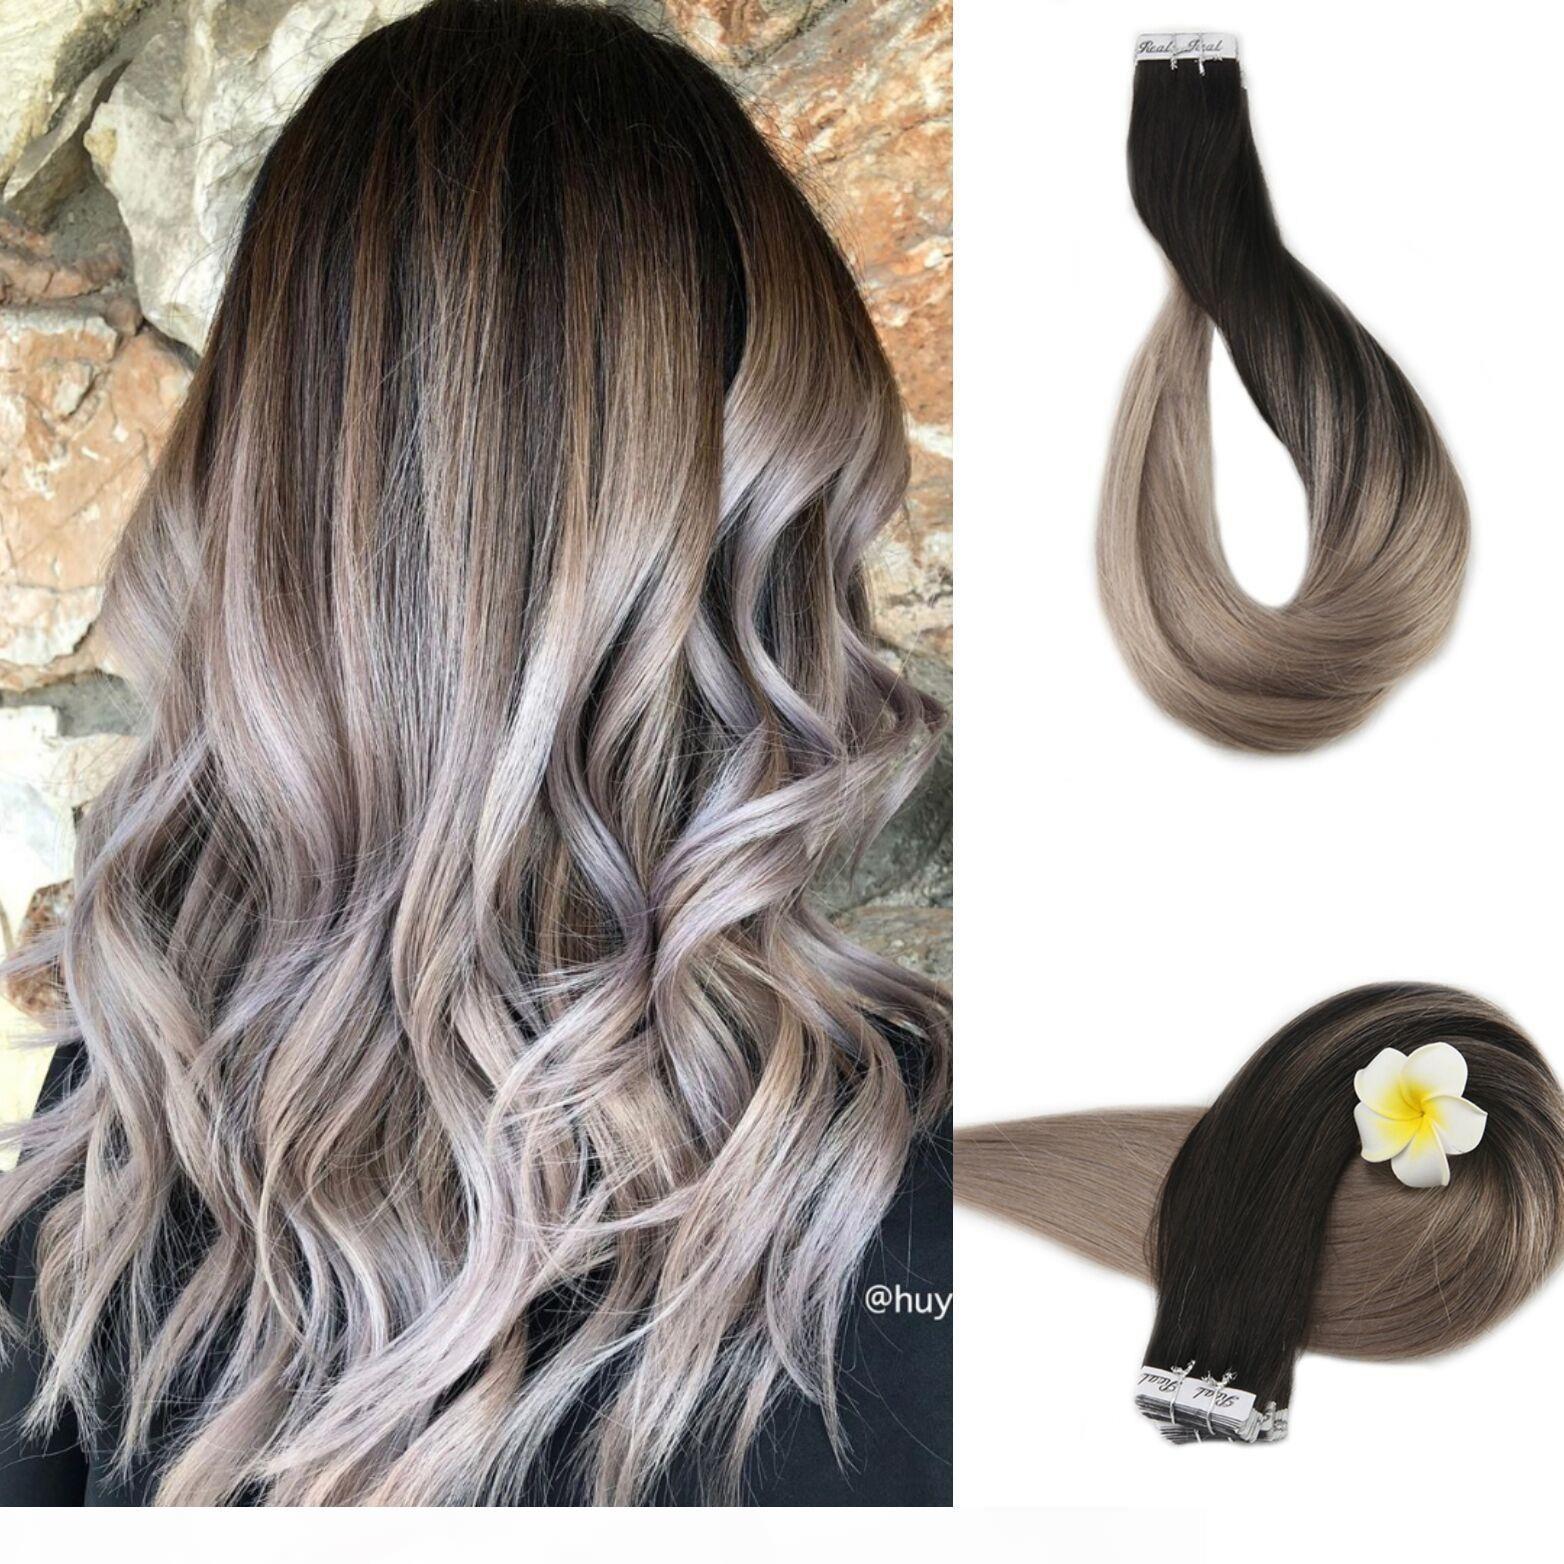 Nastro 9A Grado Virgin capelli umani brasiliani nelle estensioni naturali Dissolvenza in nero per la pelle Biondo Cenere Trama di nastro su 40pcs Hair Extensions 100g